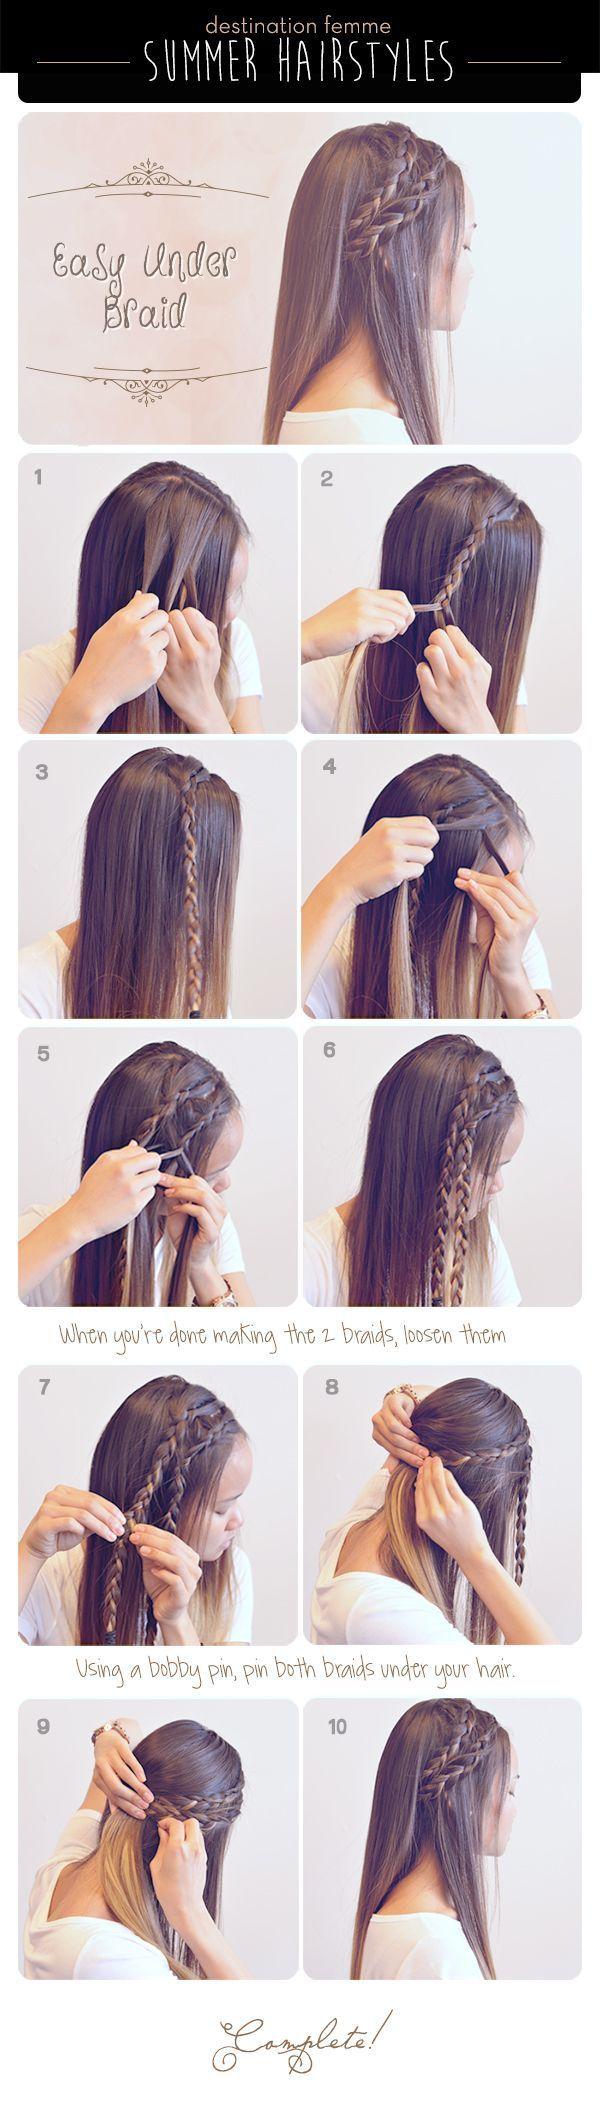 Diy ideas hair u beauty cute u easy braided hairdos for summer